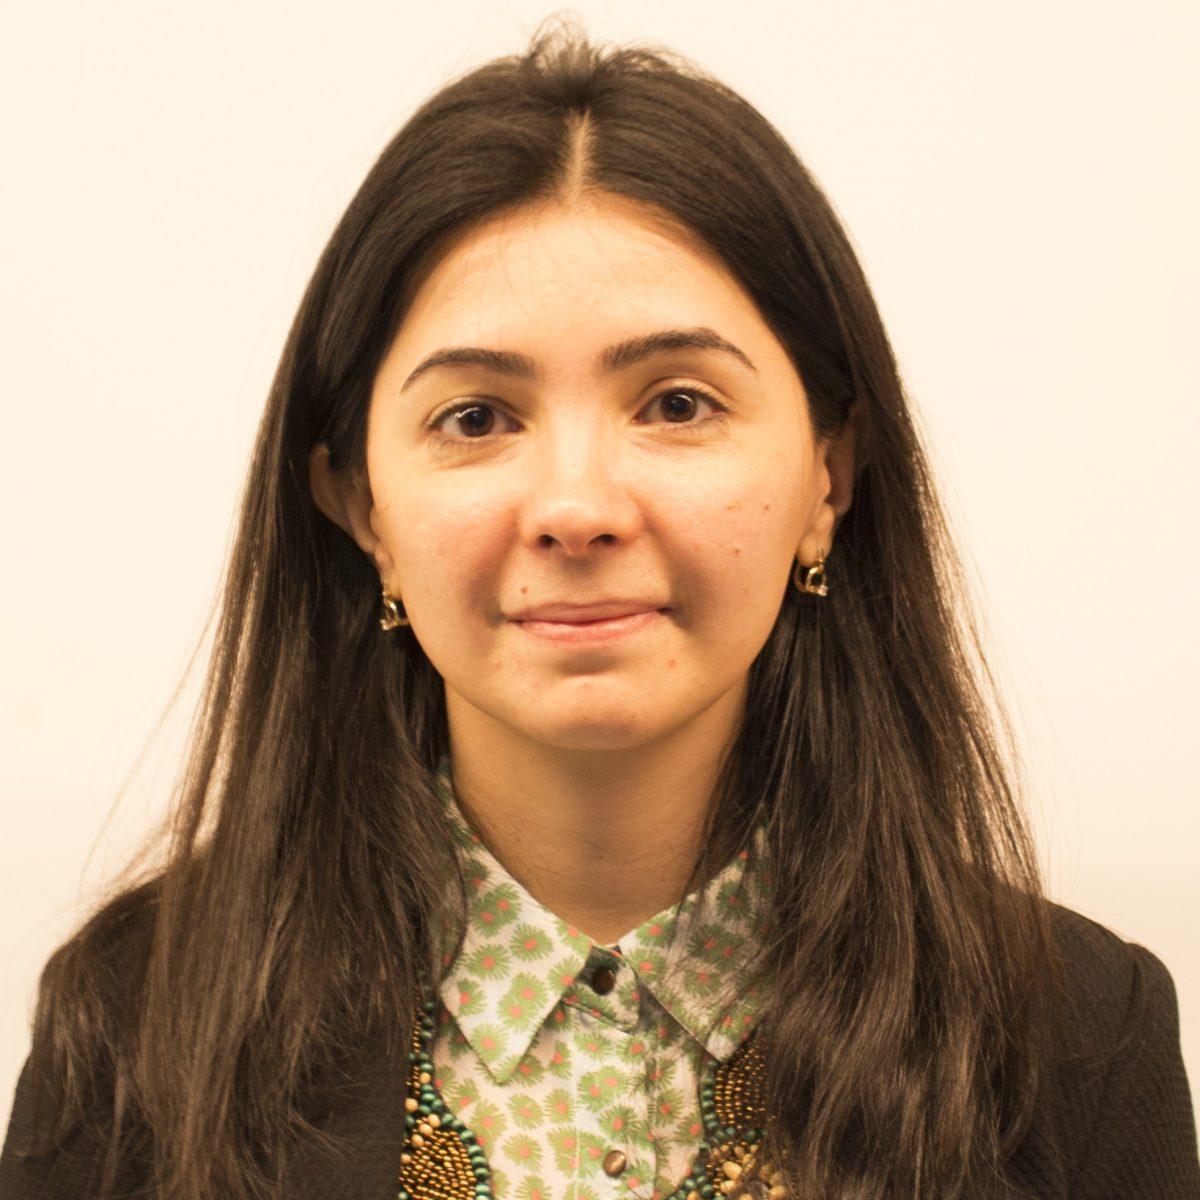 Nata Goderdzishvili - Georgia